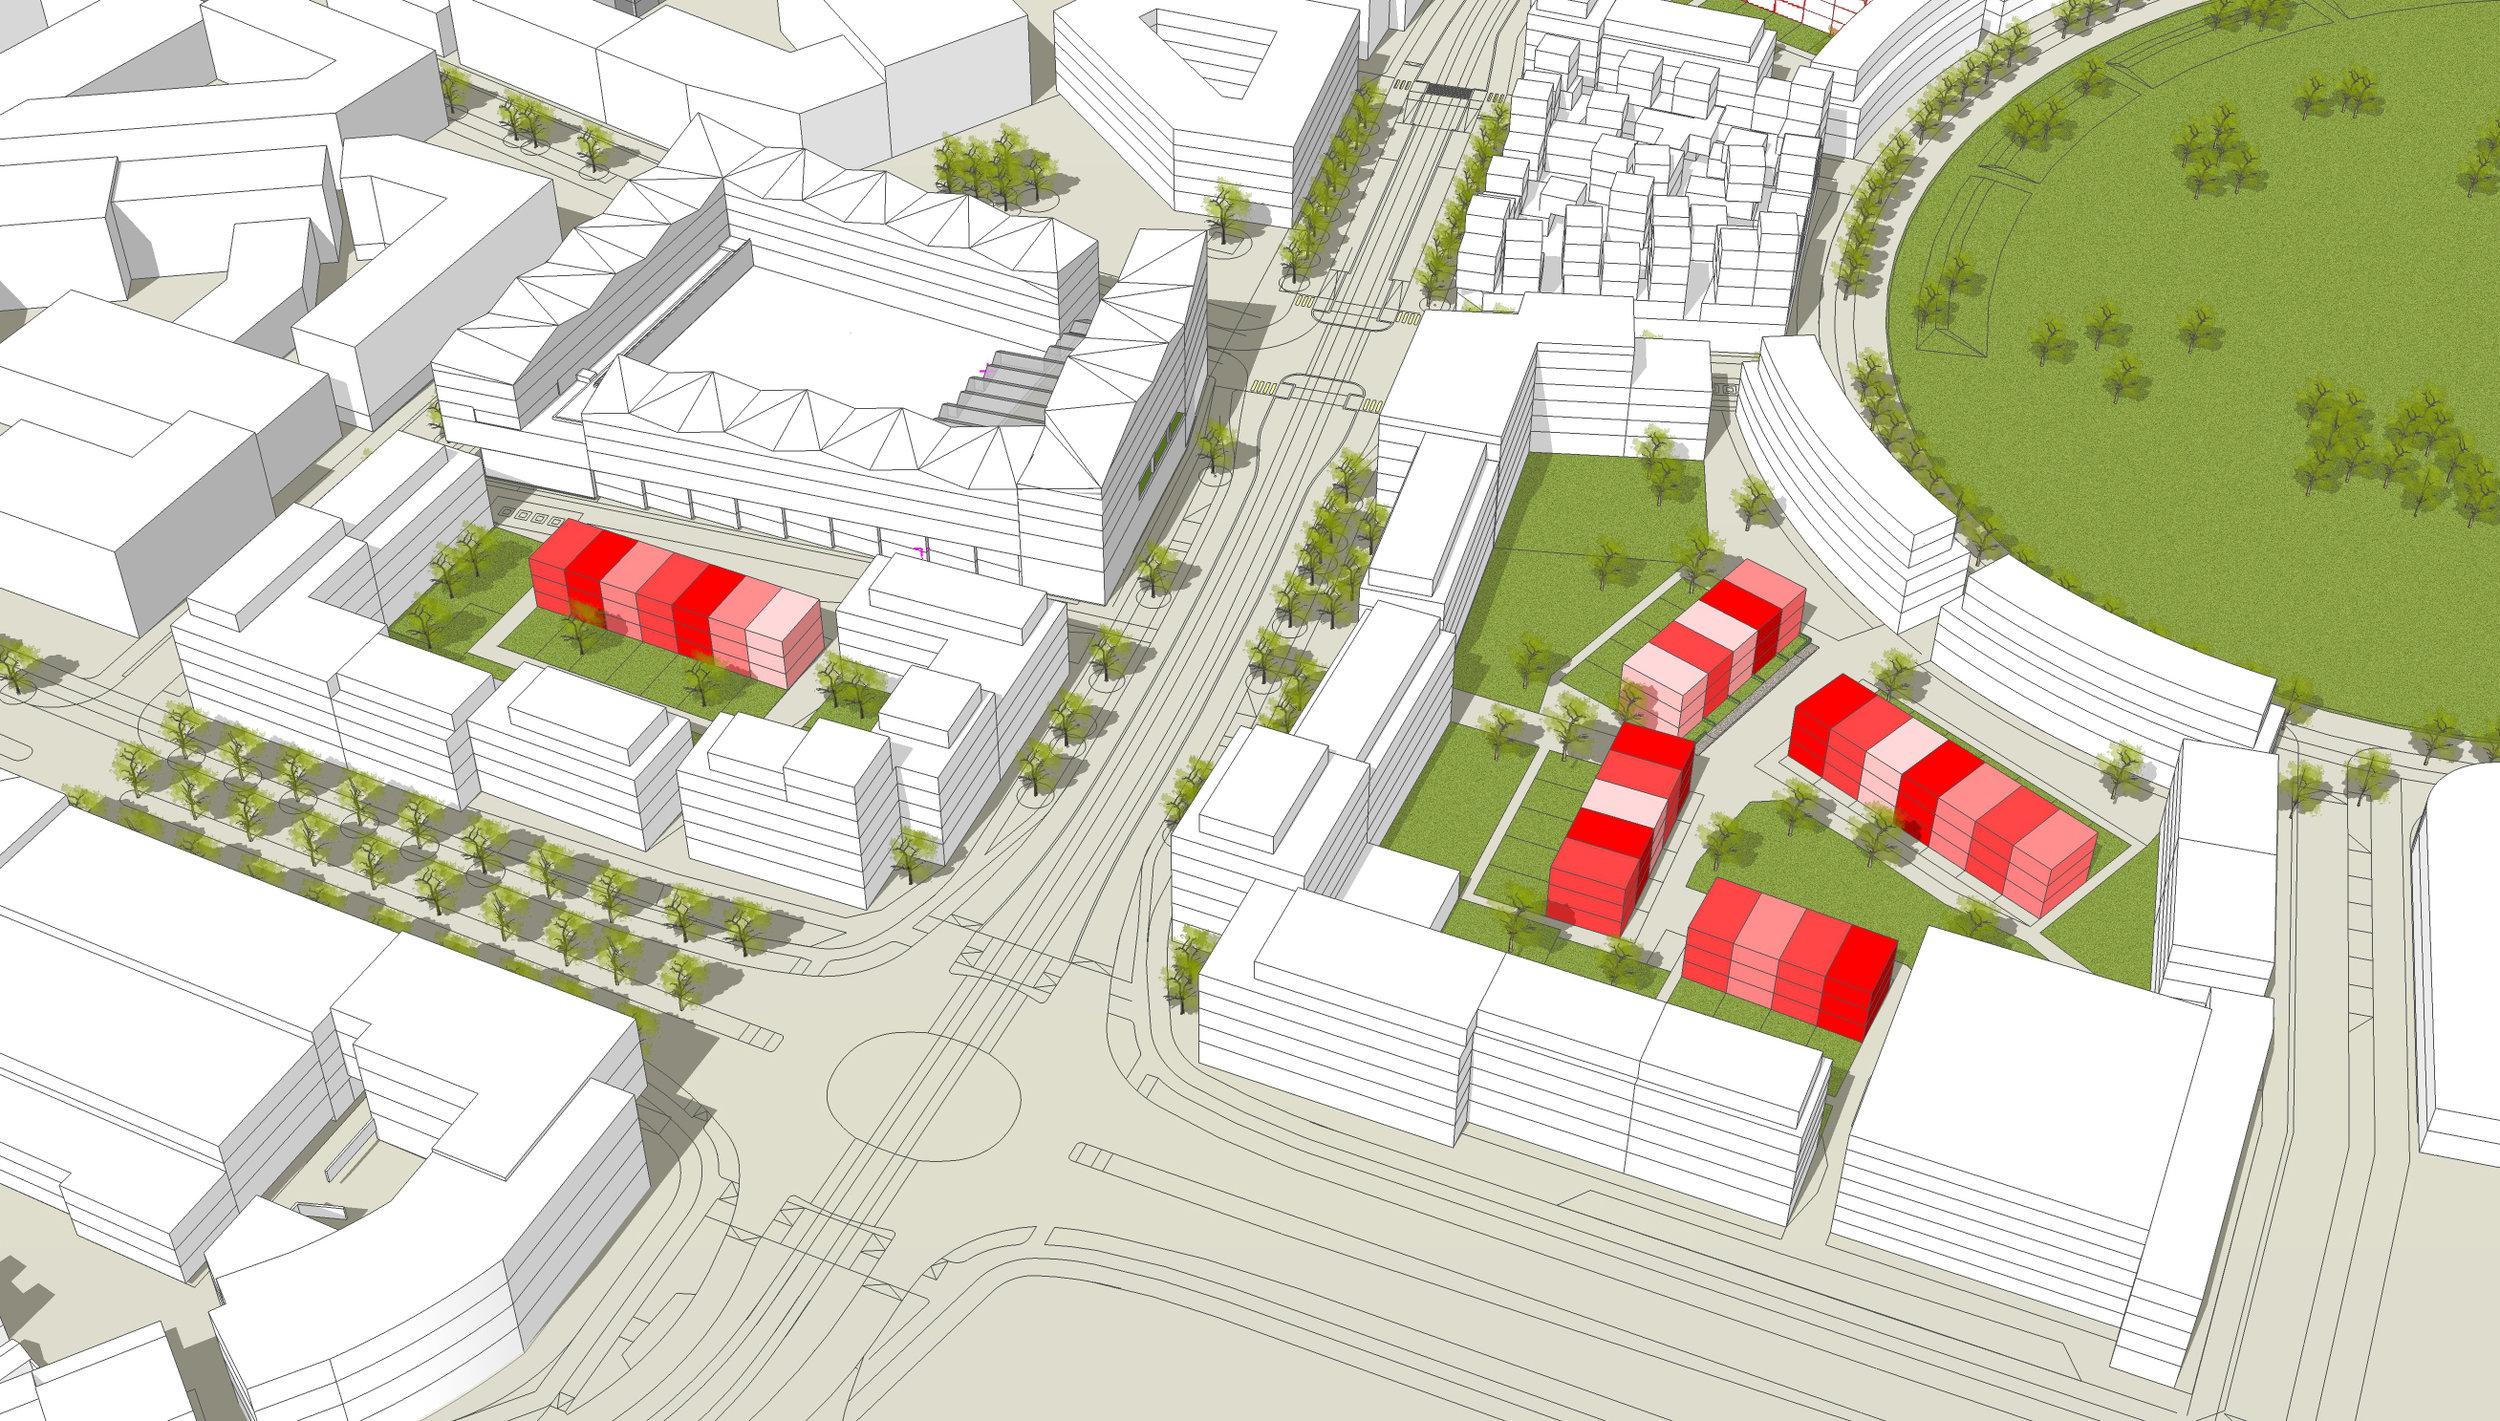 Image of planned Brunnshög district, courtesy of Lunds Kommun